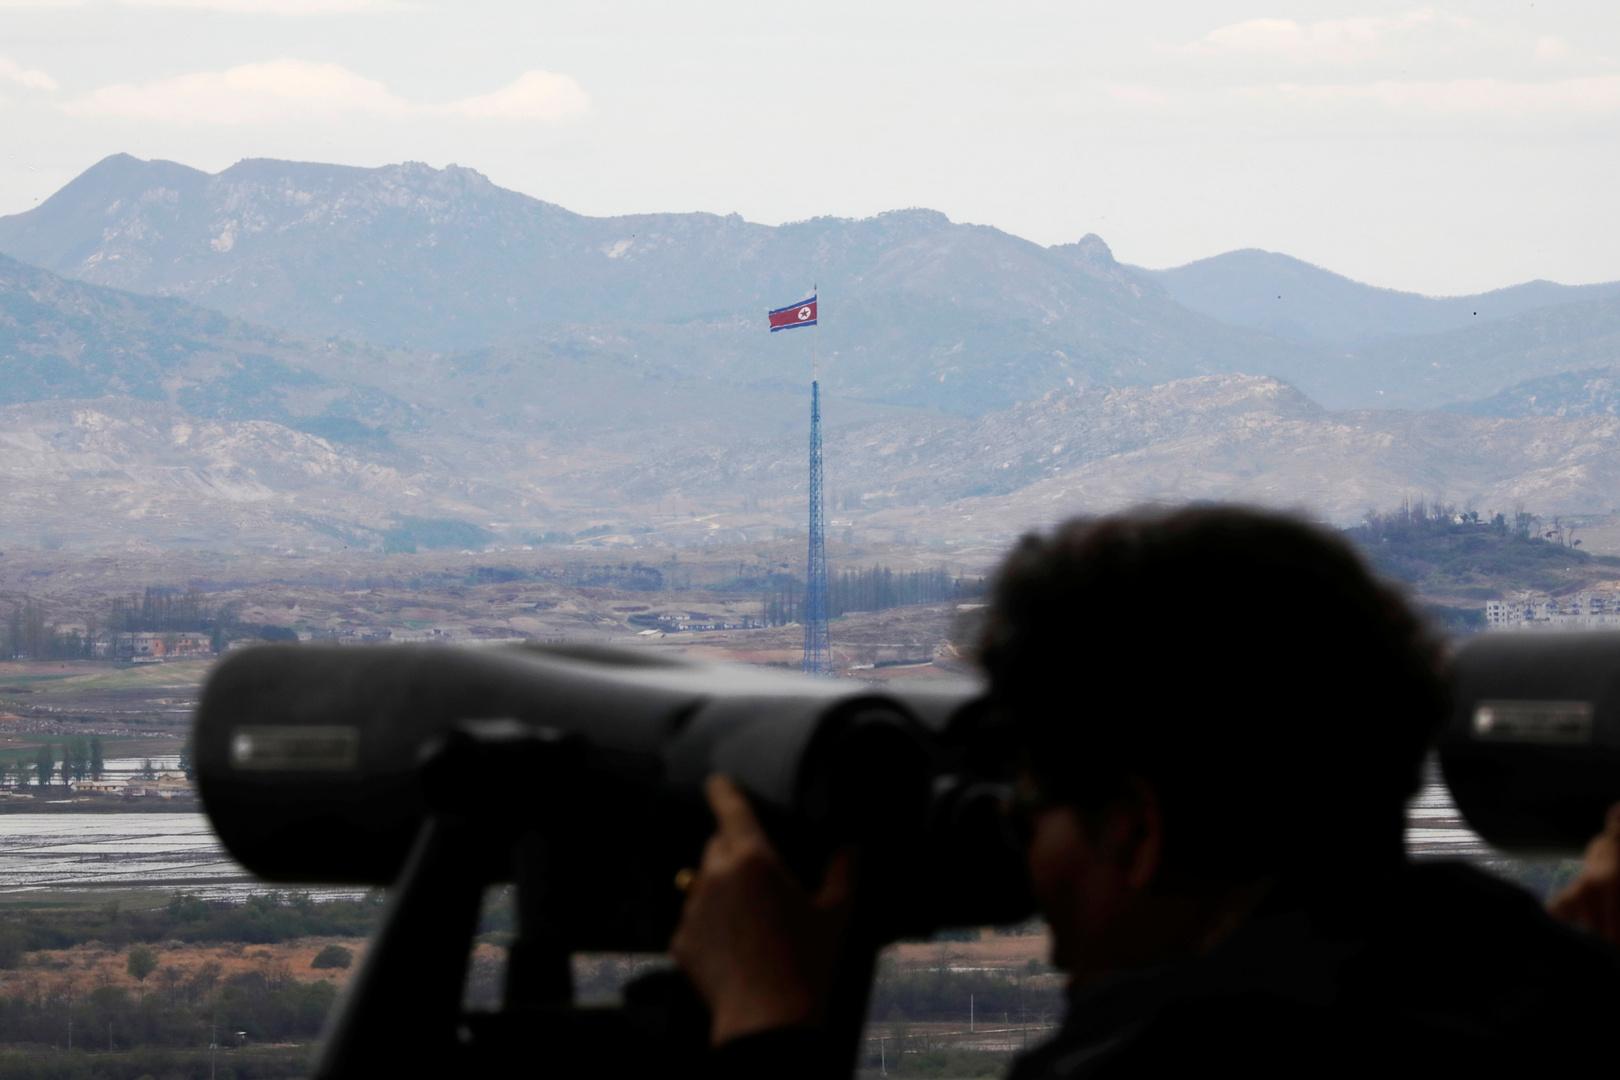 كوريا الجنوبية: الخطان العسكريان بين الكوريتين يعملان بشكل طبيعي